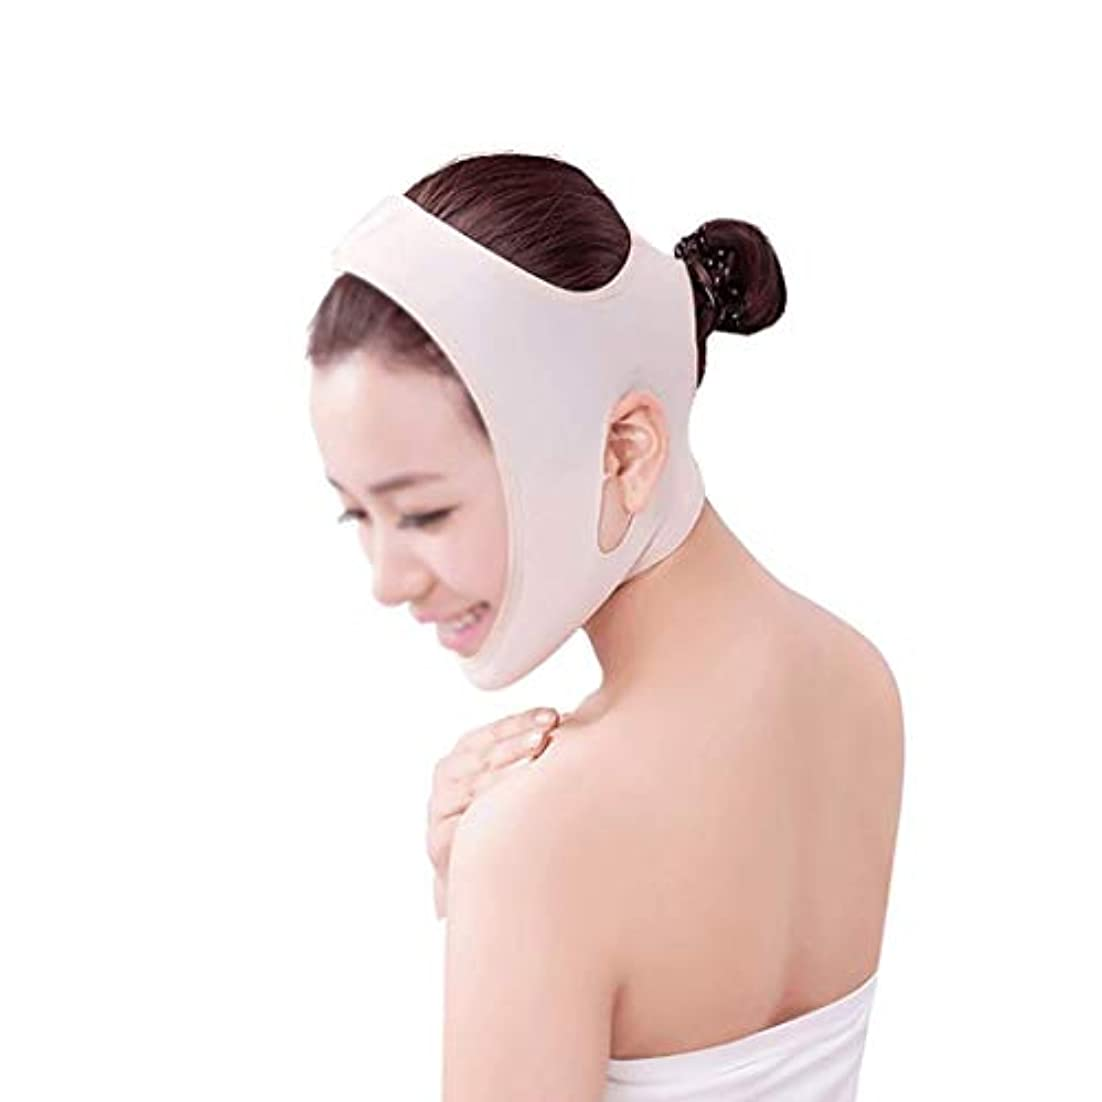 熱心な鳴り響くアイザックフェイス&ネックリフト術後弾性セット美容マスク小Vフェイスアーティファクトタイトリフティングエラスティックバンドリフティングフェイスシンフェイス包帯(サイズ:XL)